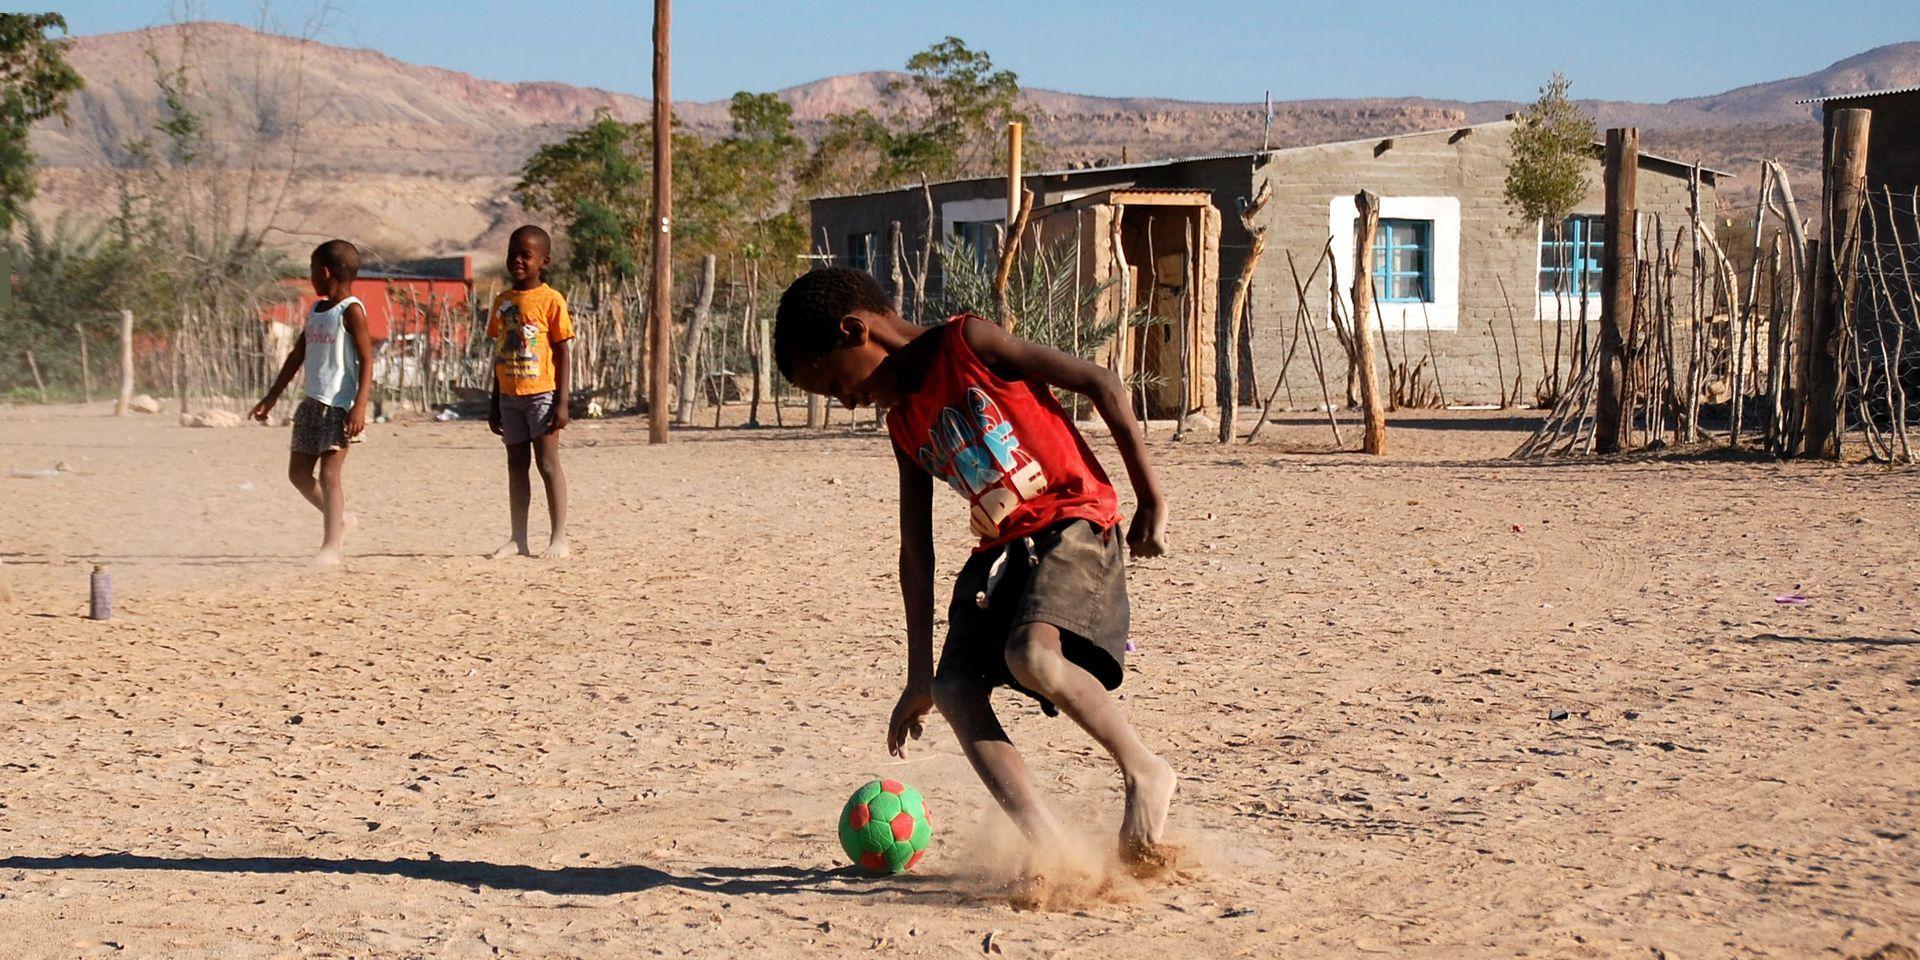 Namibia Dream - foto di Francesca Pirrone - CC BY SA NC 2.0